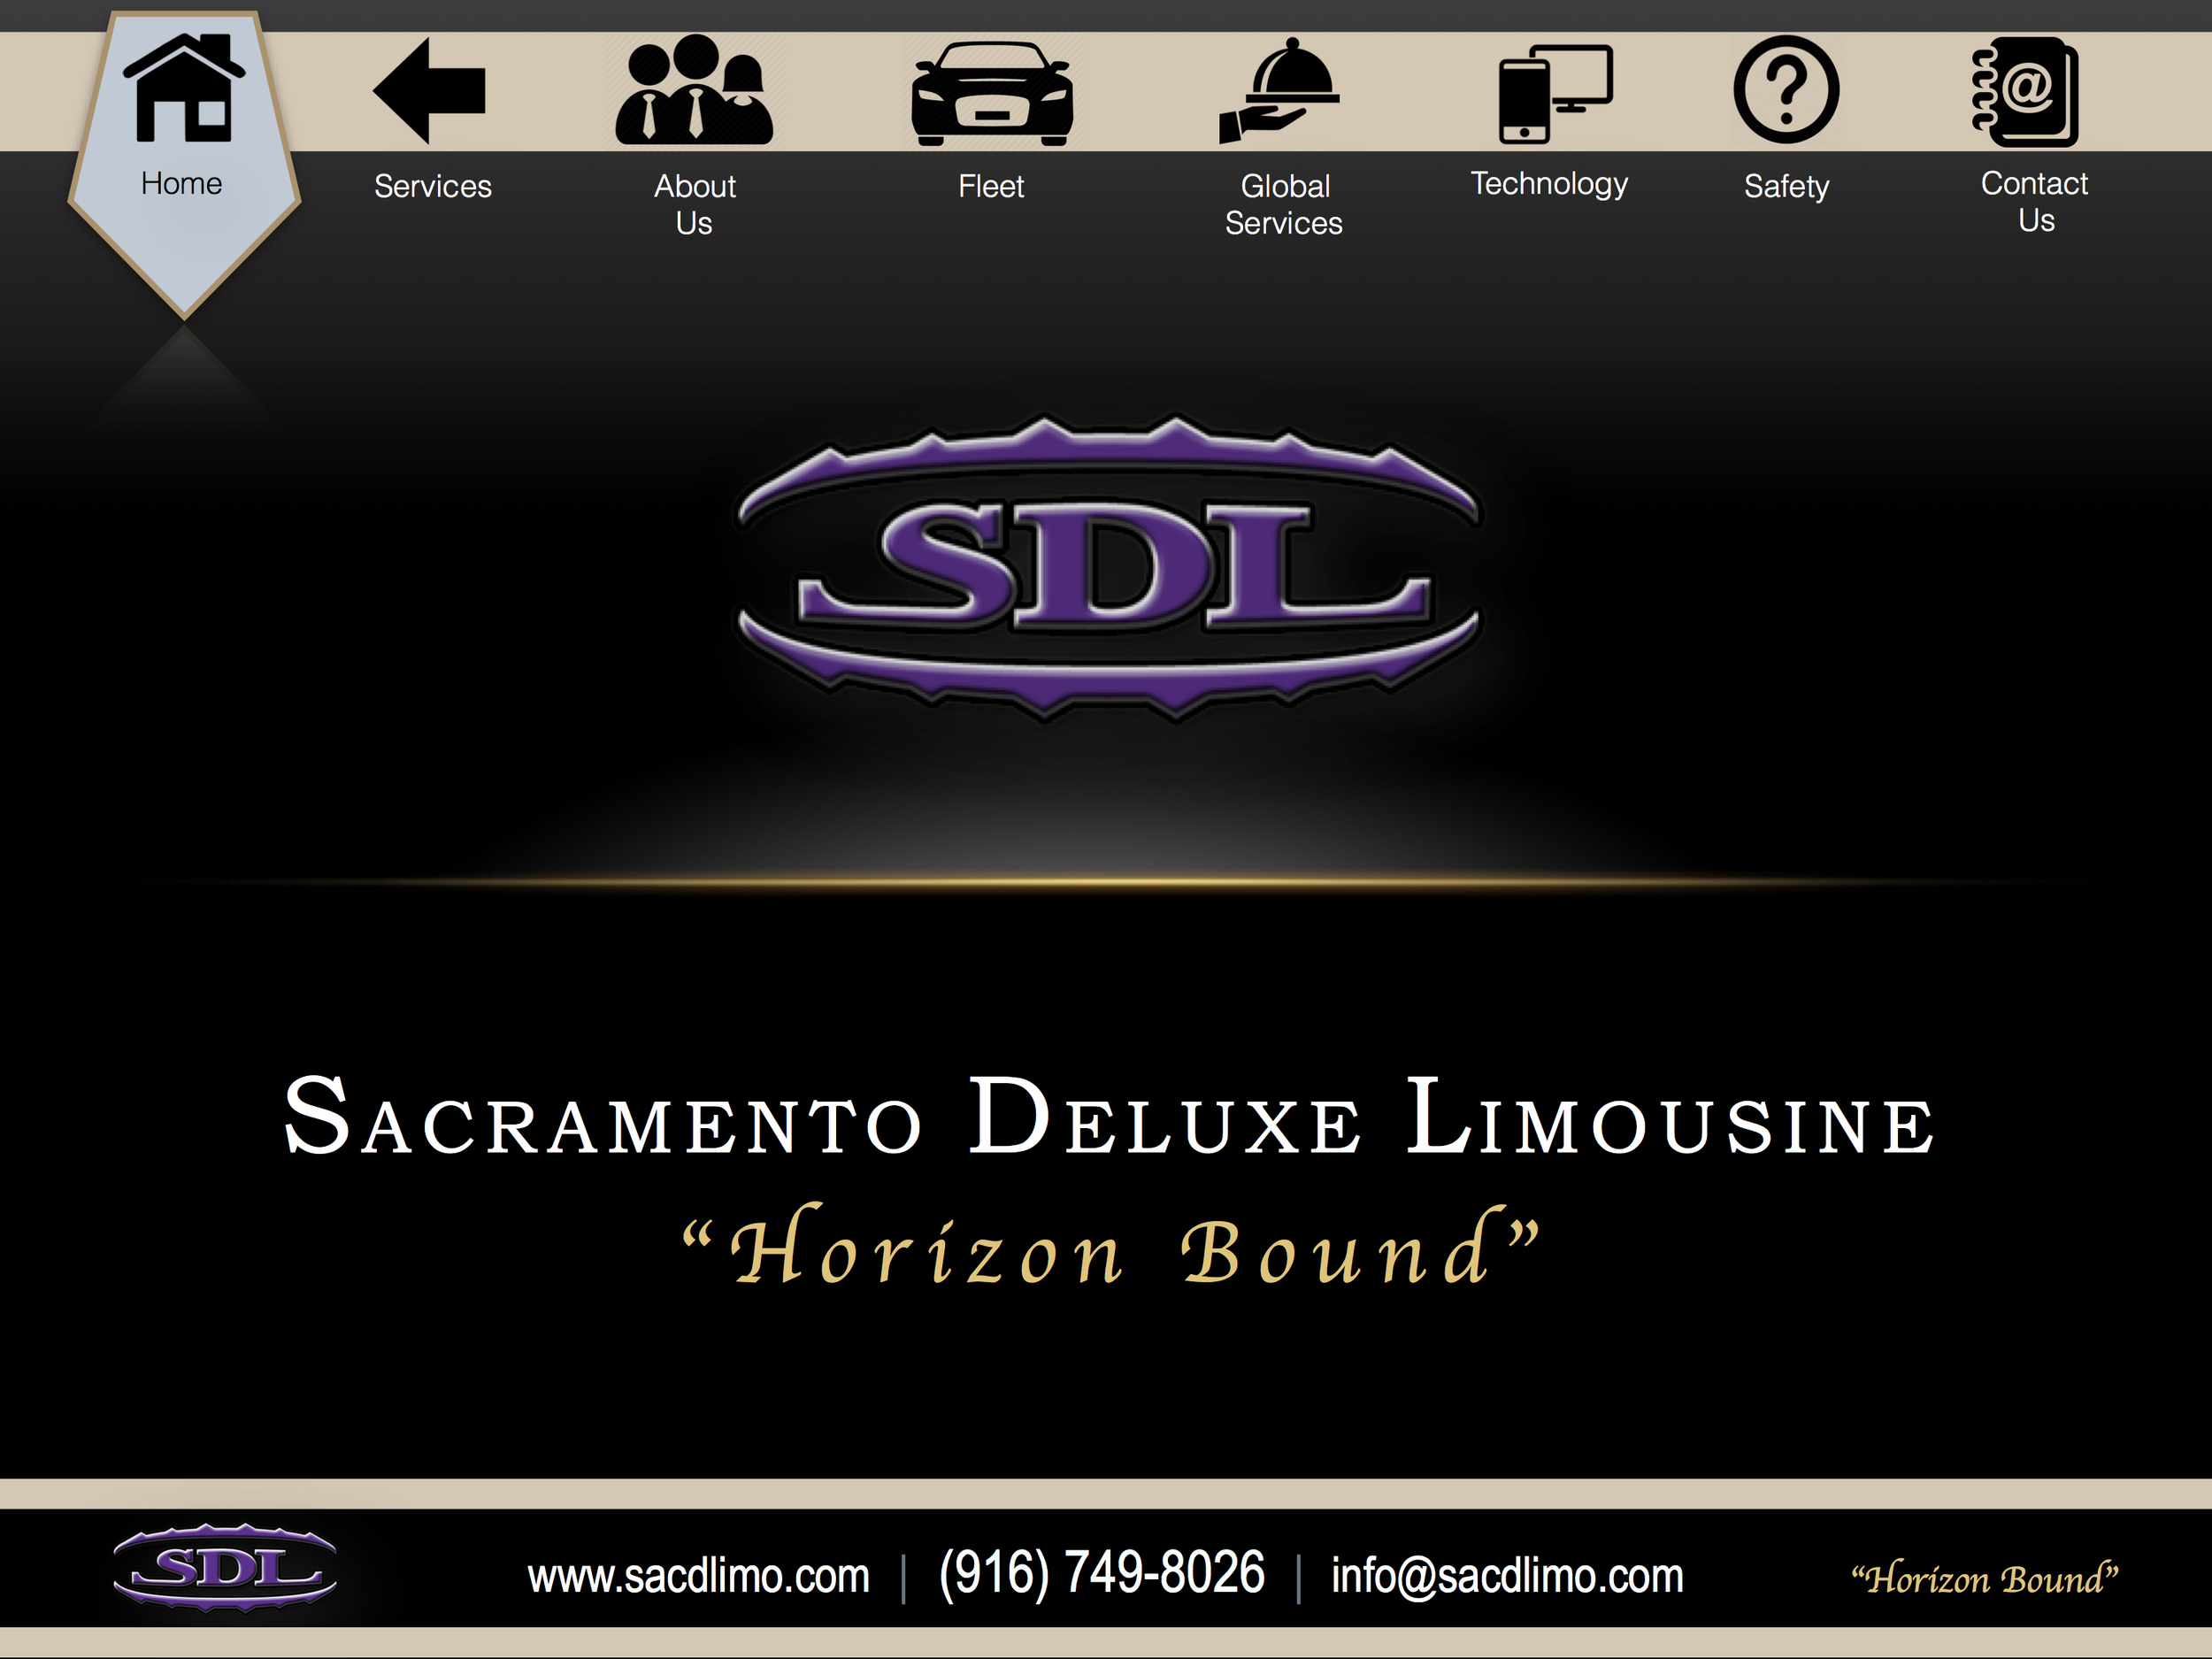 Sacramento Deluxe Limousine Home.jpg